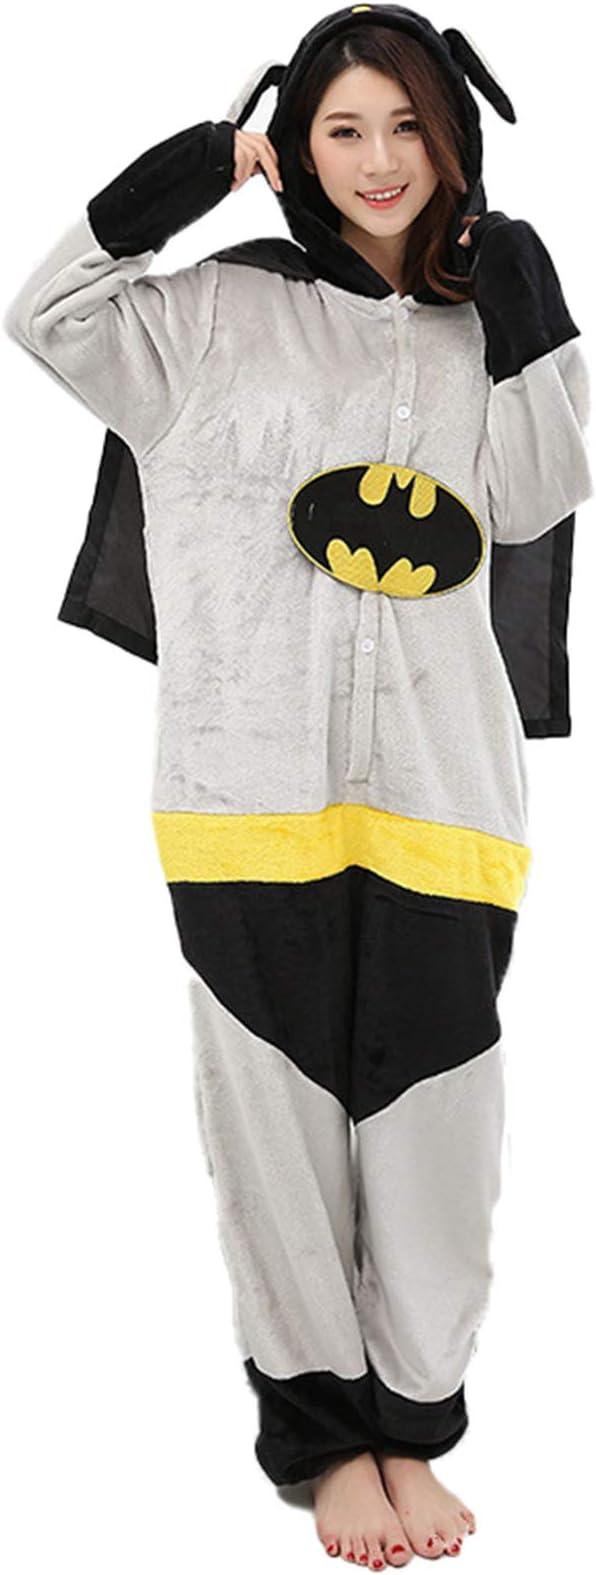 JXILY Pijama de Animales, Anime One Piece Pijamas Batman ...